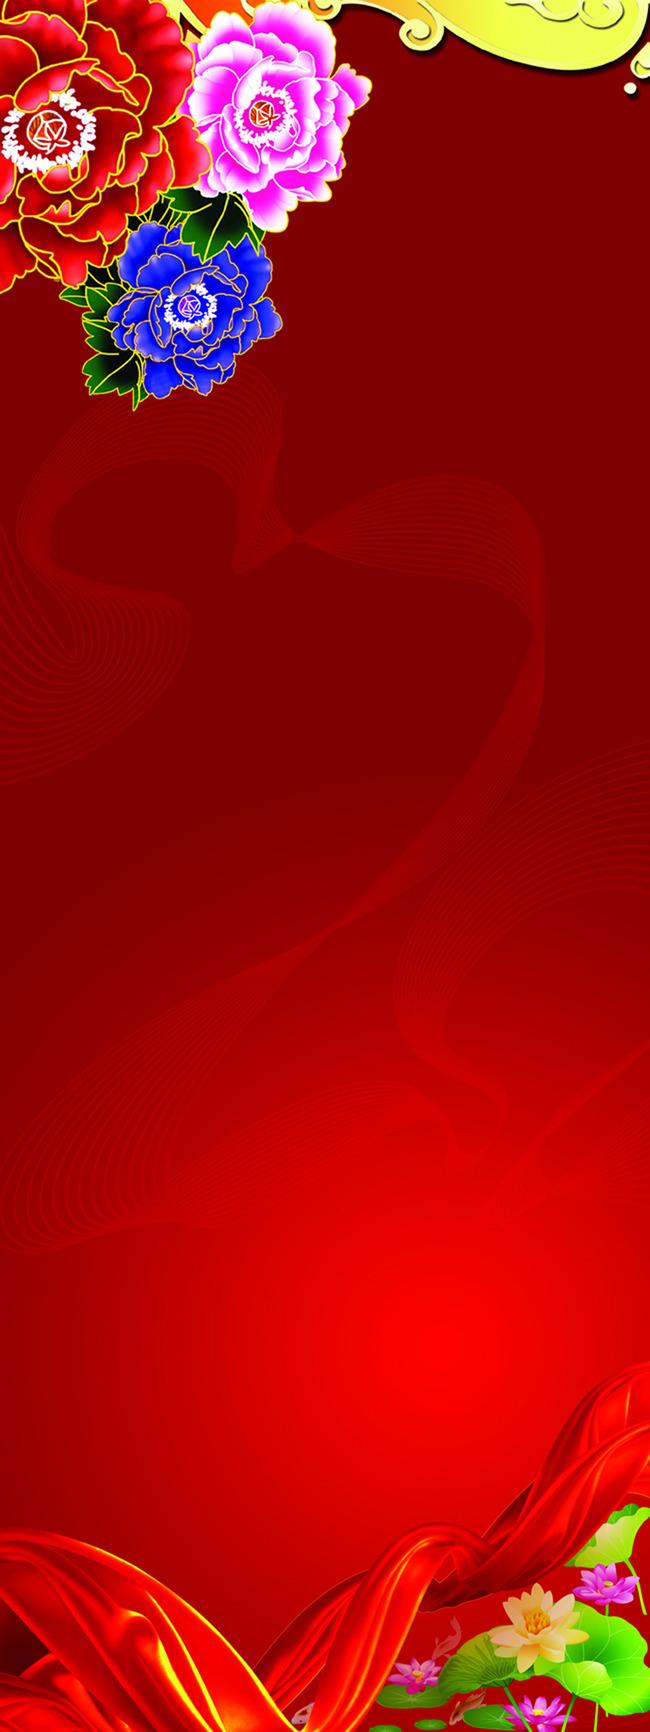 婚庆x展架背景psd素材模板下载